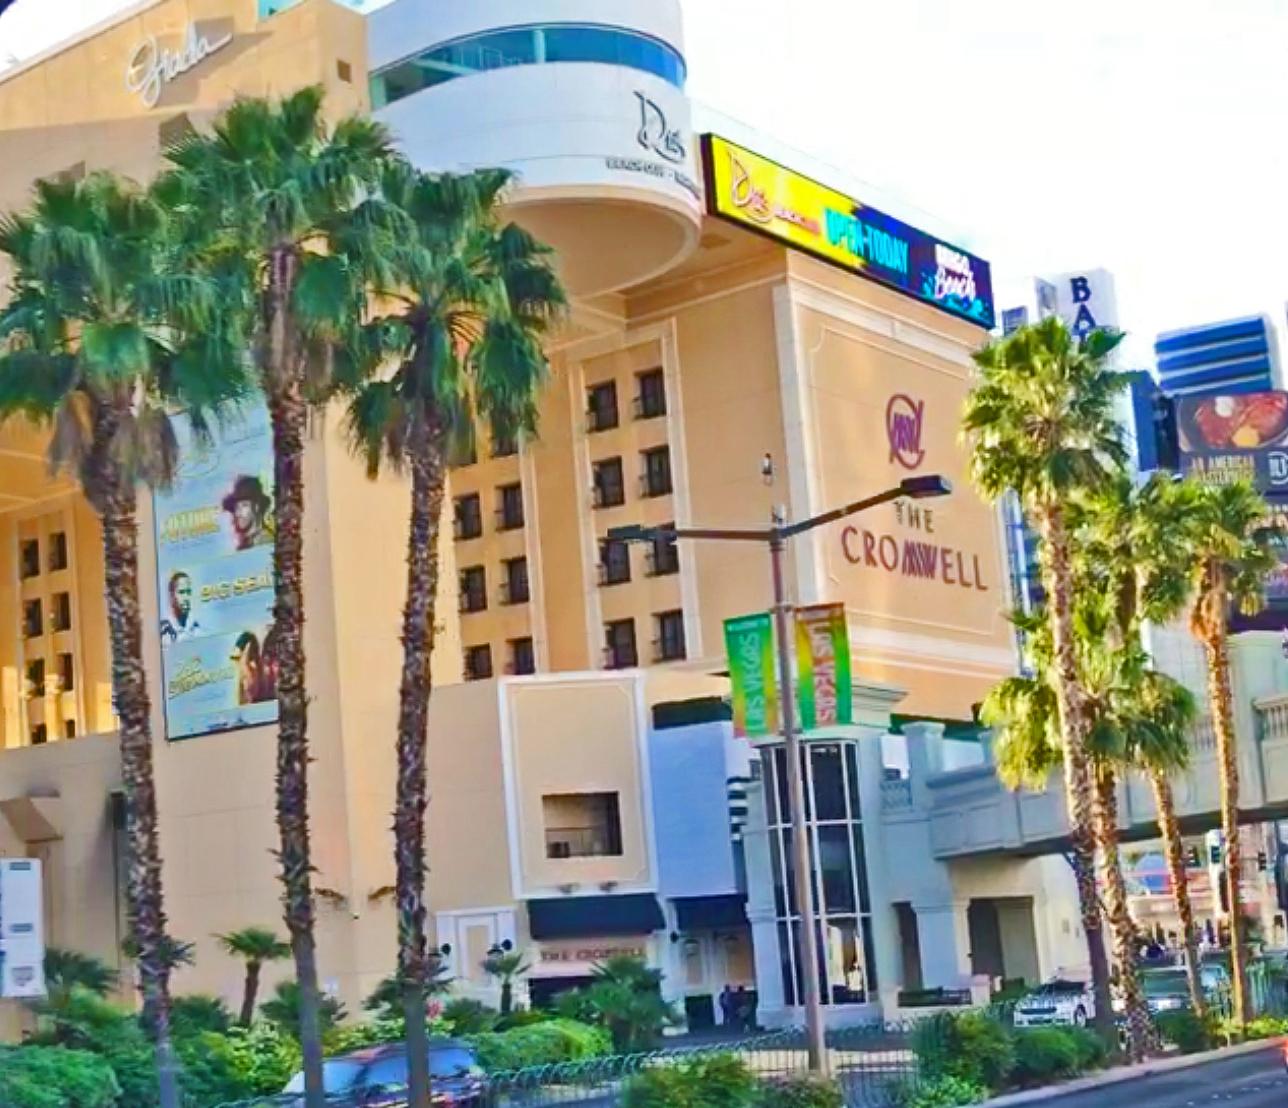 Cromwell, The - Eröffnet: 1979 (Barbary Coast, 2007 Bill's Gamblin Hall and Saloon, seit 2014 The Cromwell)Casino-Grösse: 3'128m²Resort-Fee: 37 US-DollarZimmeranzahl: 624 Zimmer, 14 SuitenZweitkleinstes Hotel am Las Vegas Strip. Tischspiele haben teils sehr gute Odds (zum Beispiel «Craps»). Auf dem Dach befindet sich der «Drai's Beach Club & Nightclub».